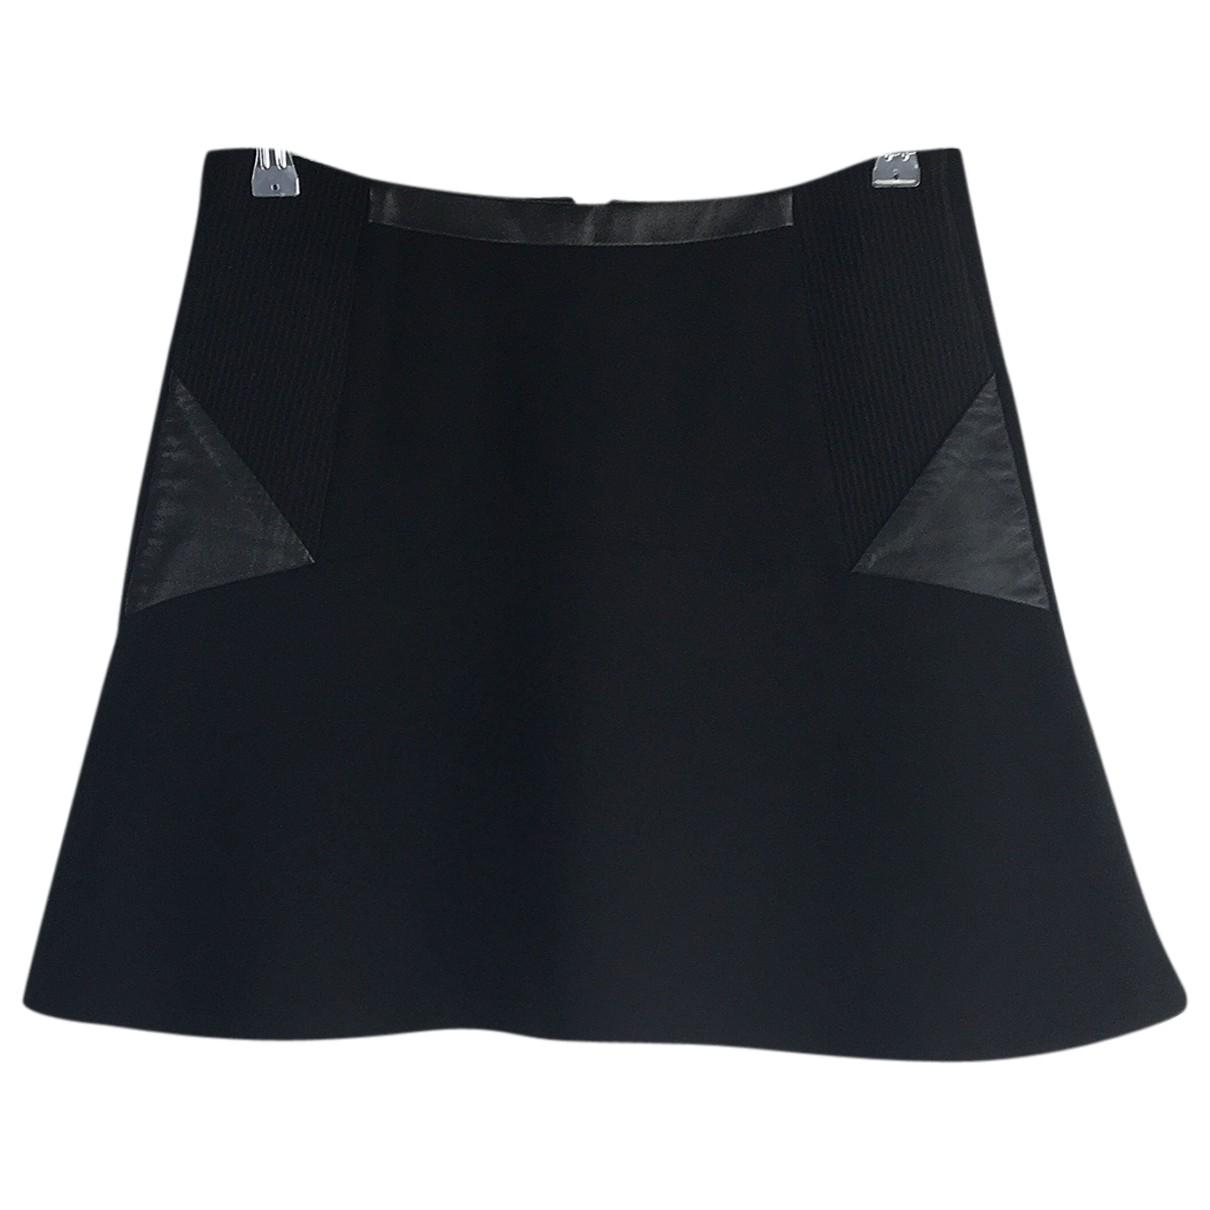 Sandro \N Black skirt for Women 2 0-5